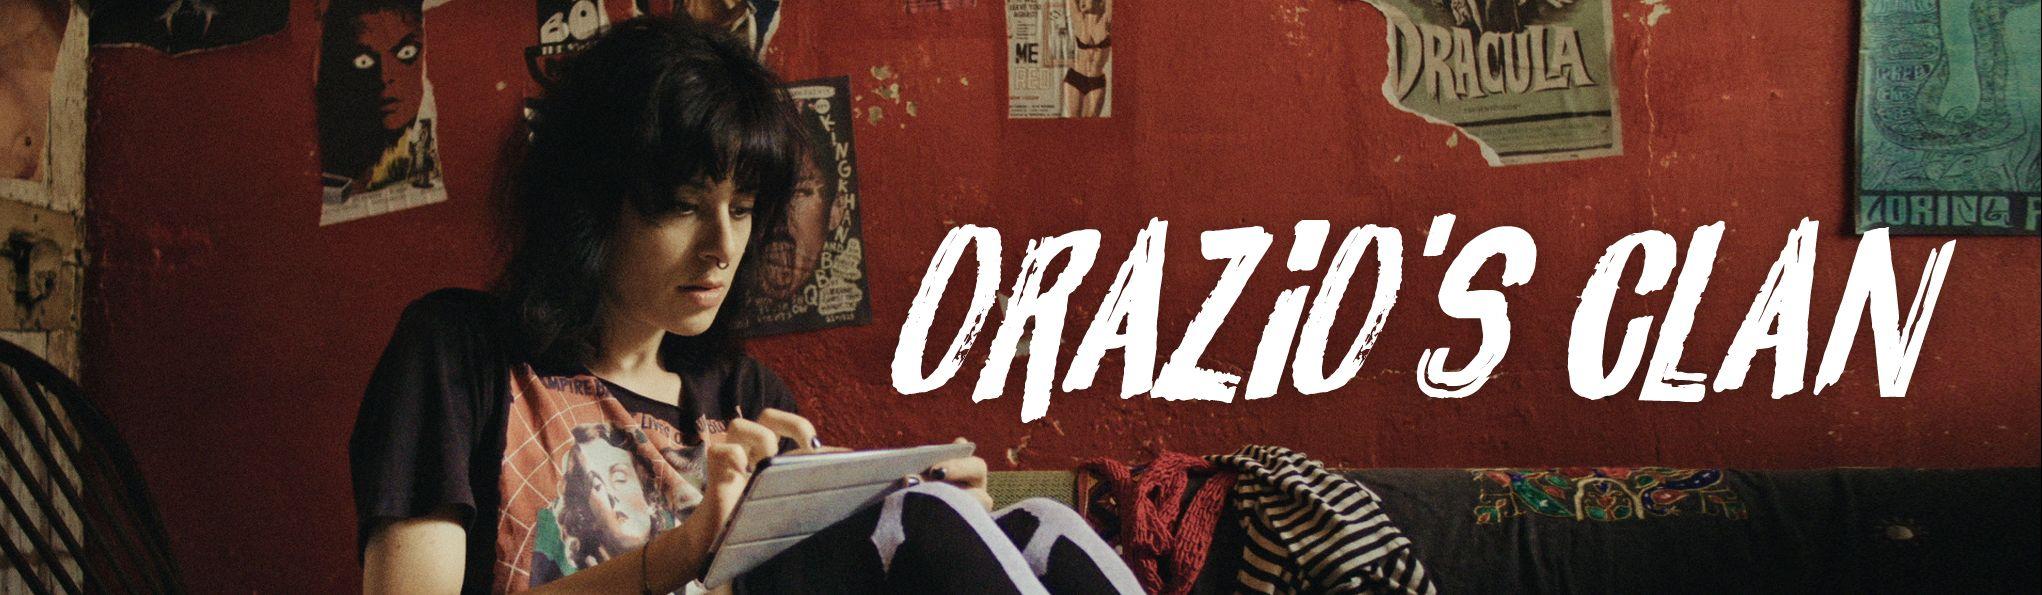 Orazio's Clan Trailer